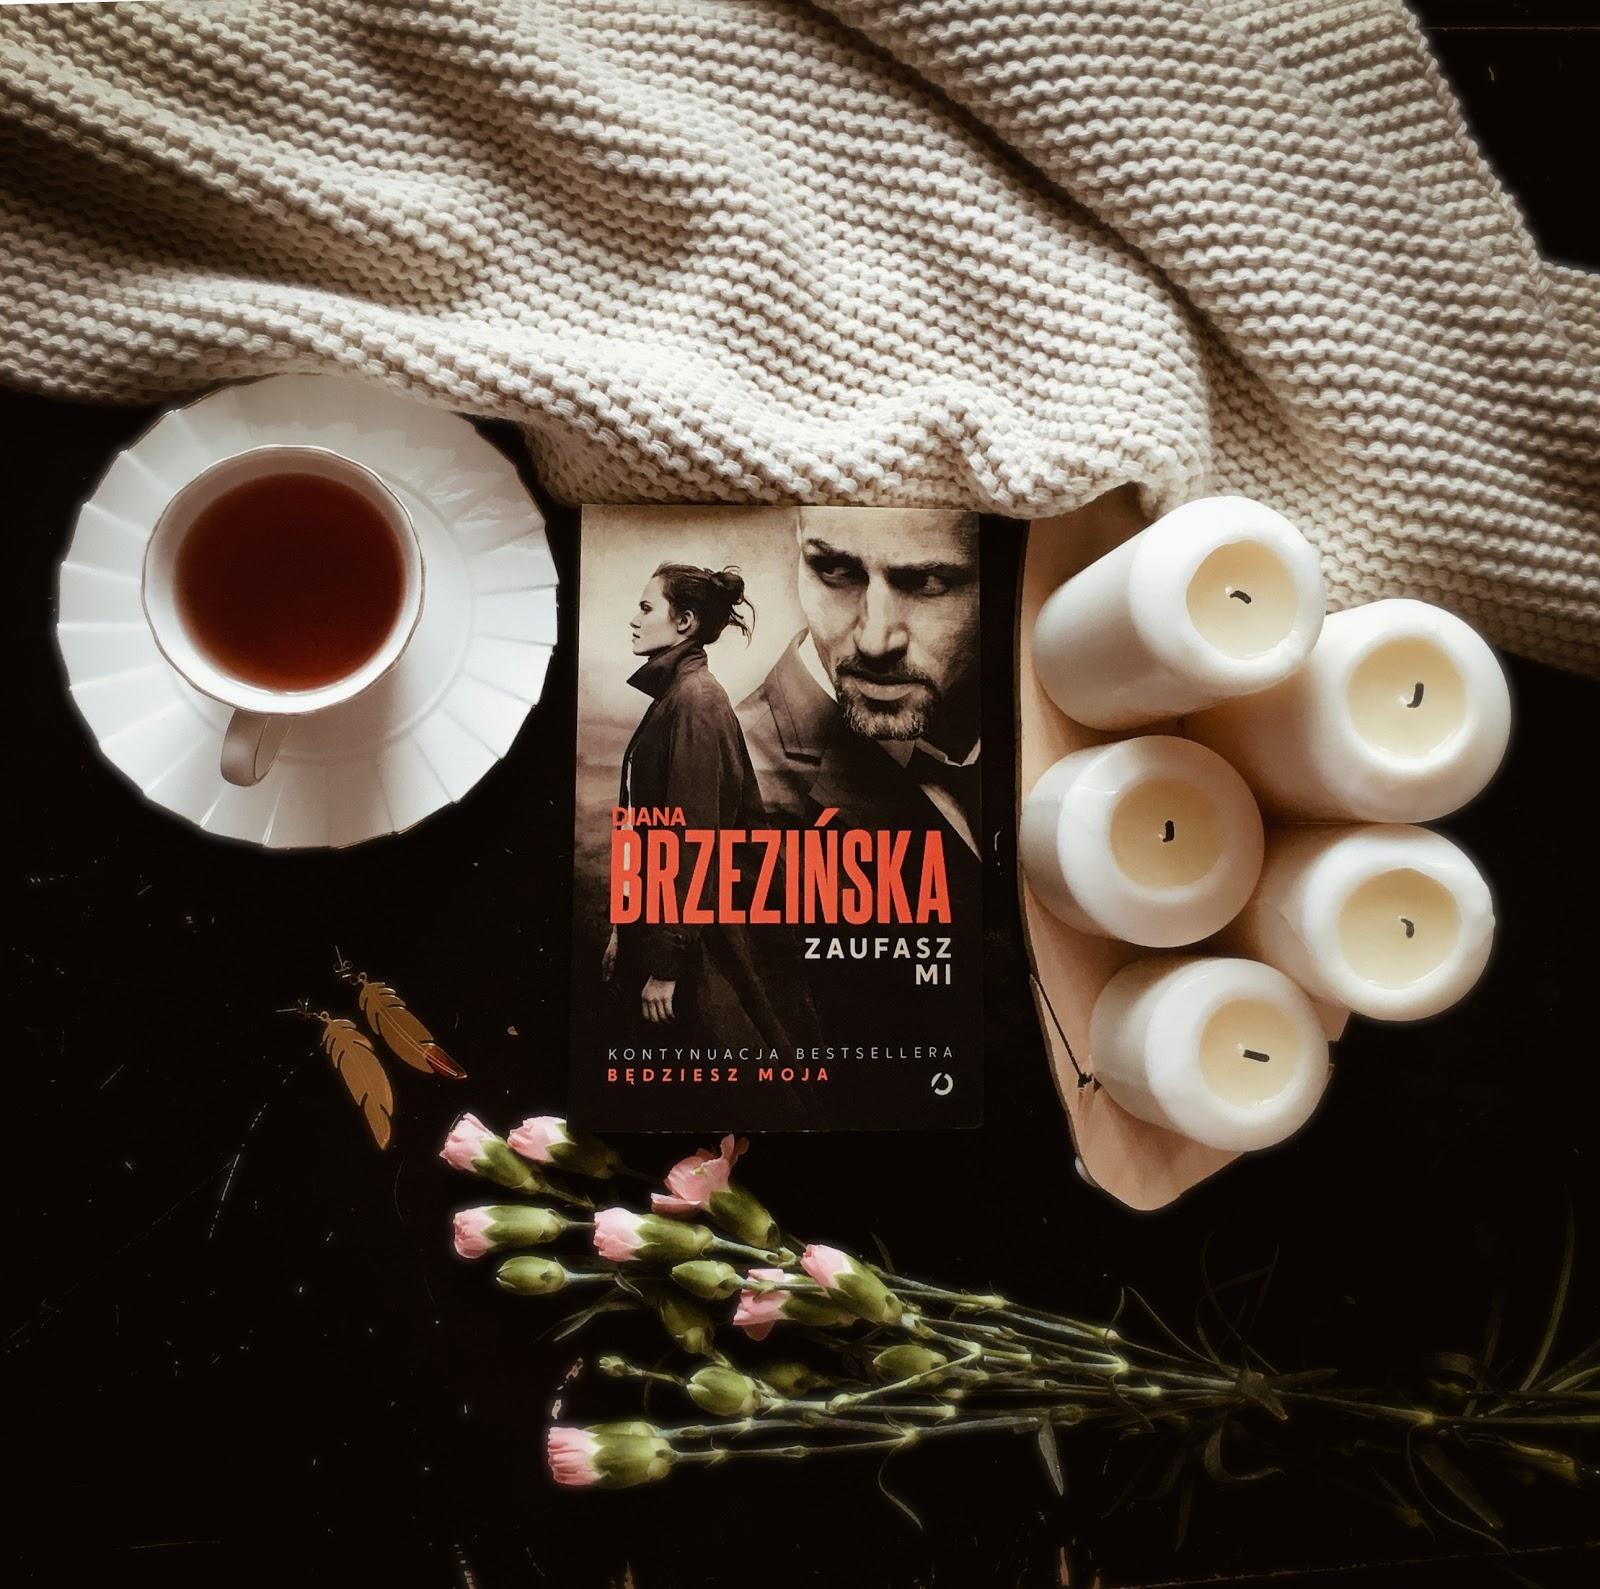 Zaufasz mi – Diana Brzezińska. Wilcze klony w natarciu.